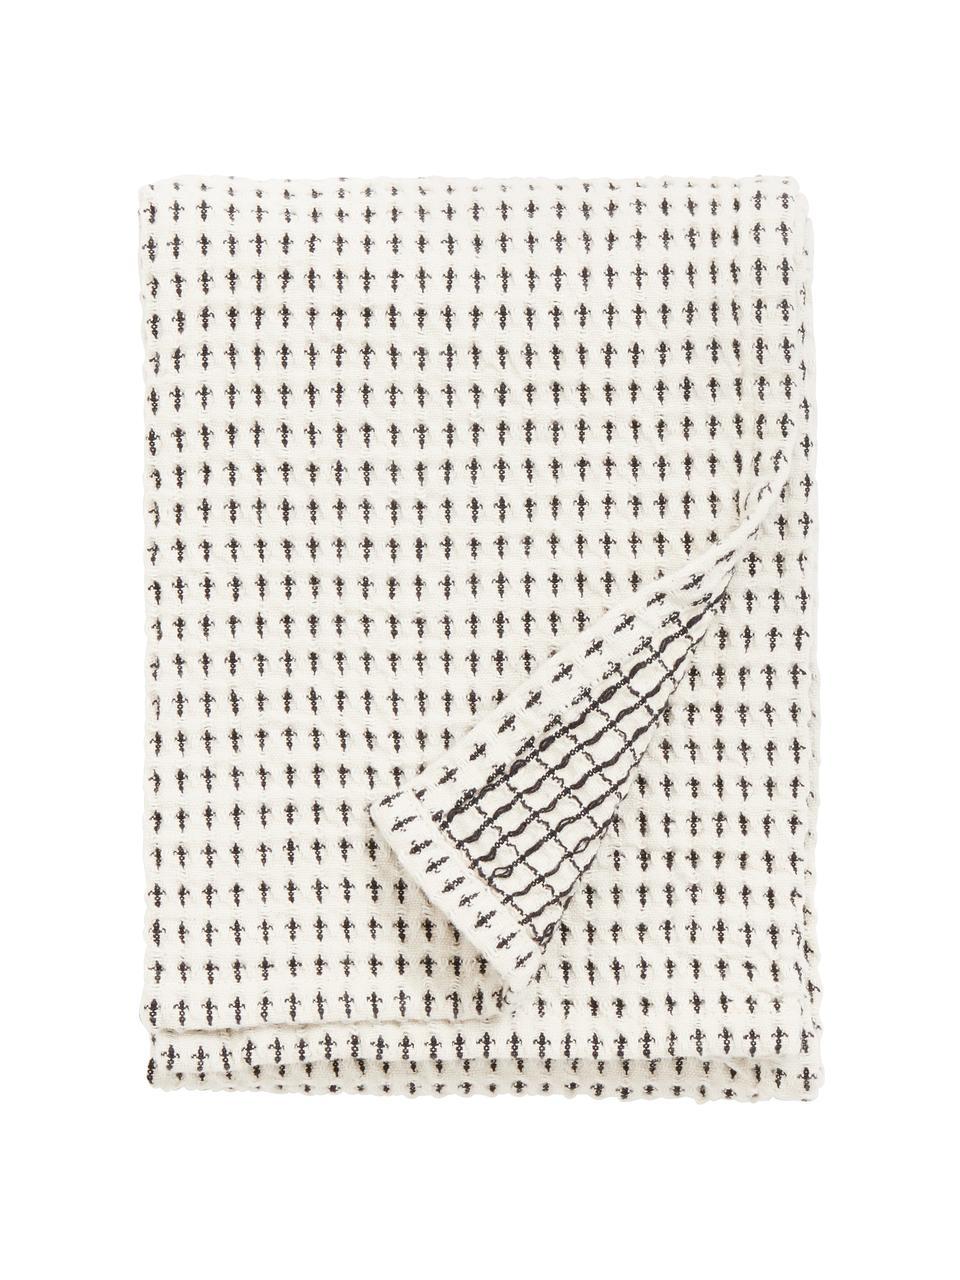 Geschirrtücher Stirly aus Baumwolle, 2 Stück, 100% Baumwolle, Gebrochenes Weiß, Schwarz, 50 x 70 cm